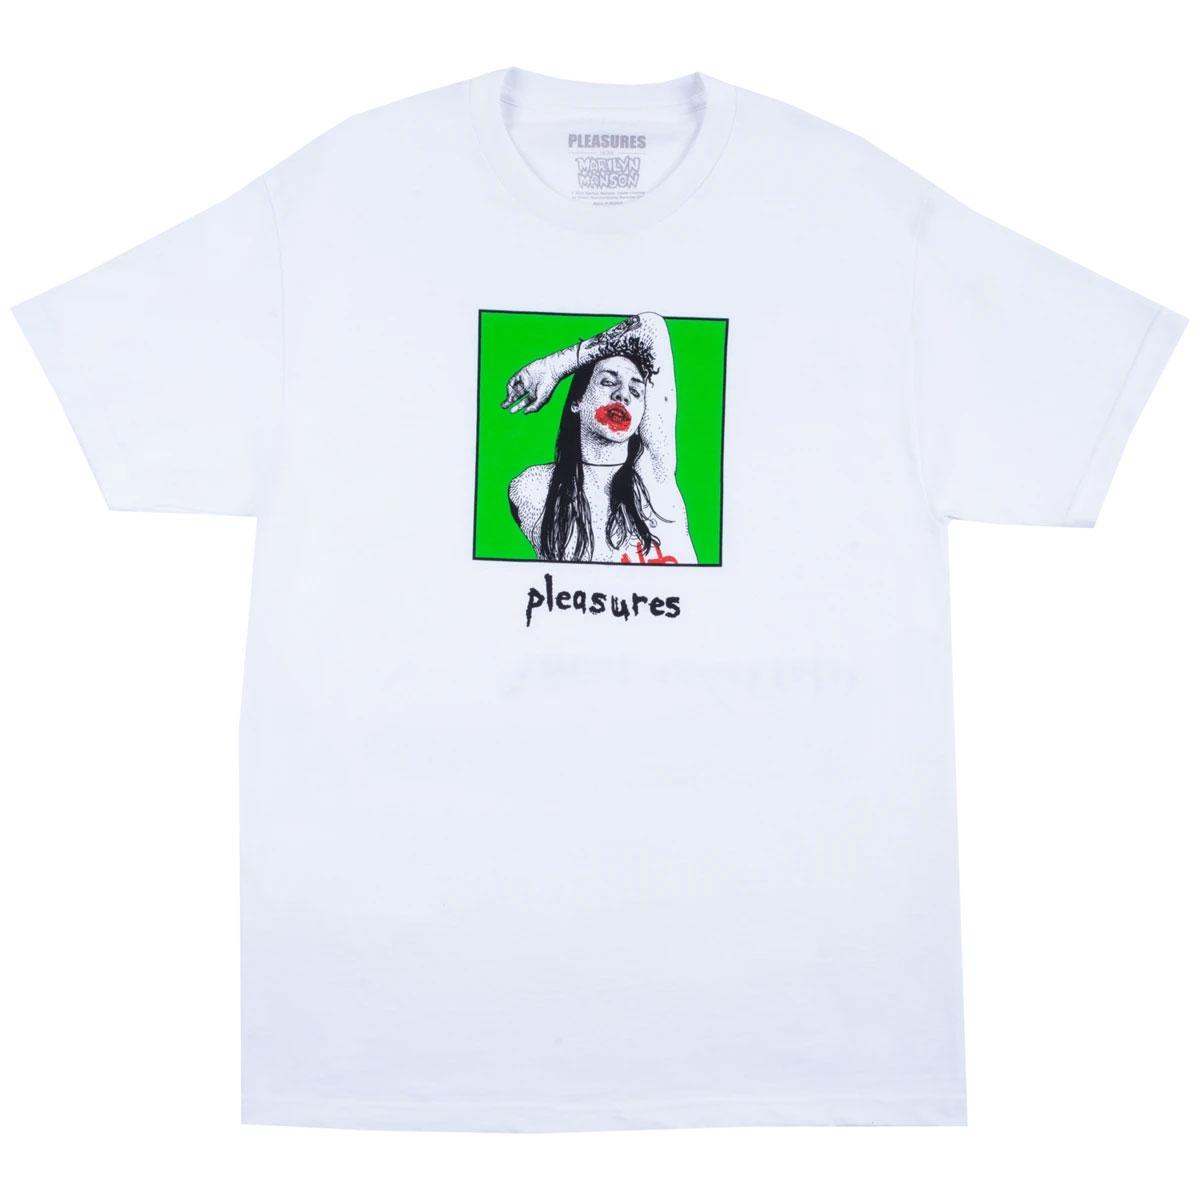 【PLEASURES/プレジャーズ×MARILYN MANSON/マリリン・マンソン】SUFFER T-SHIRT Tシャツ / WHITE